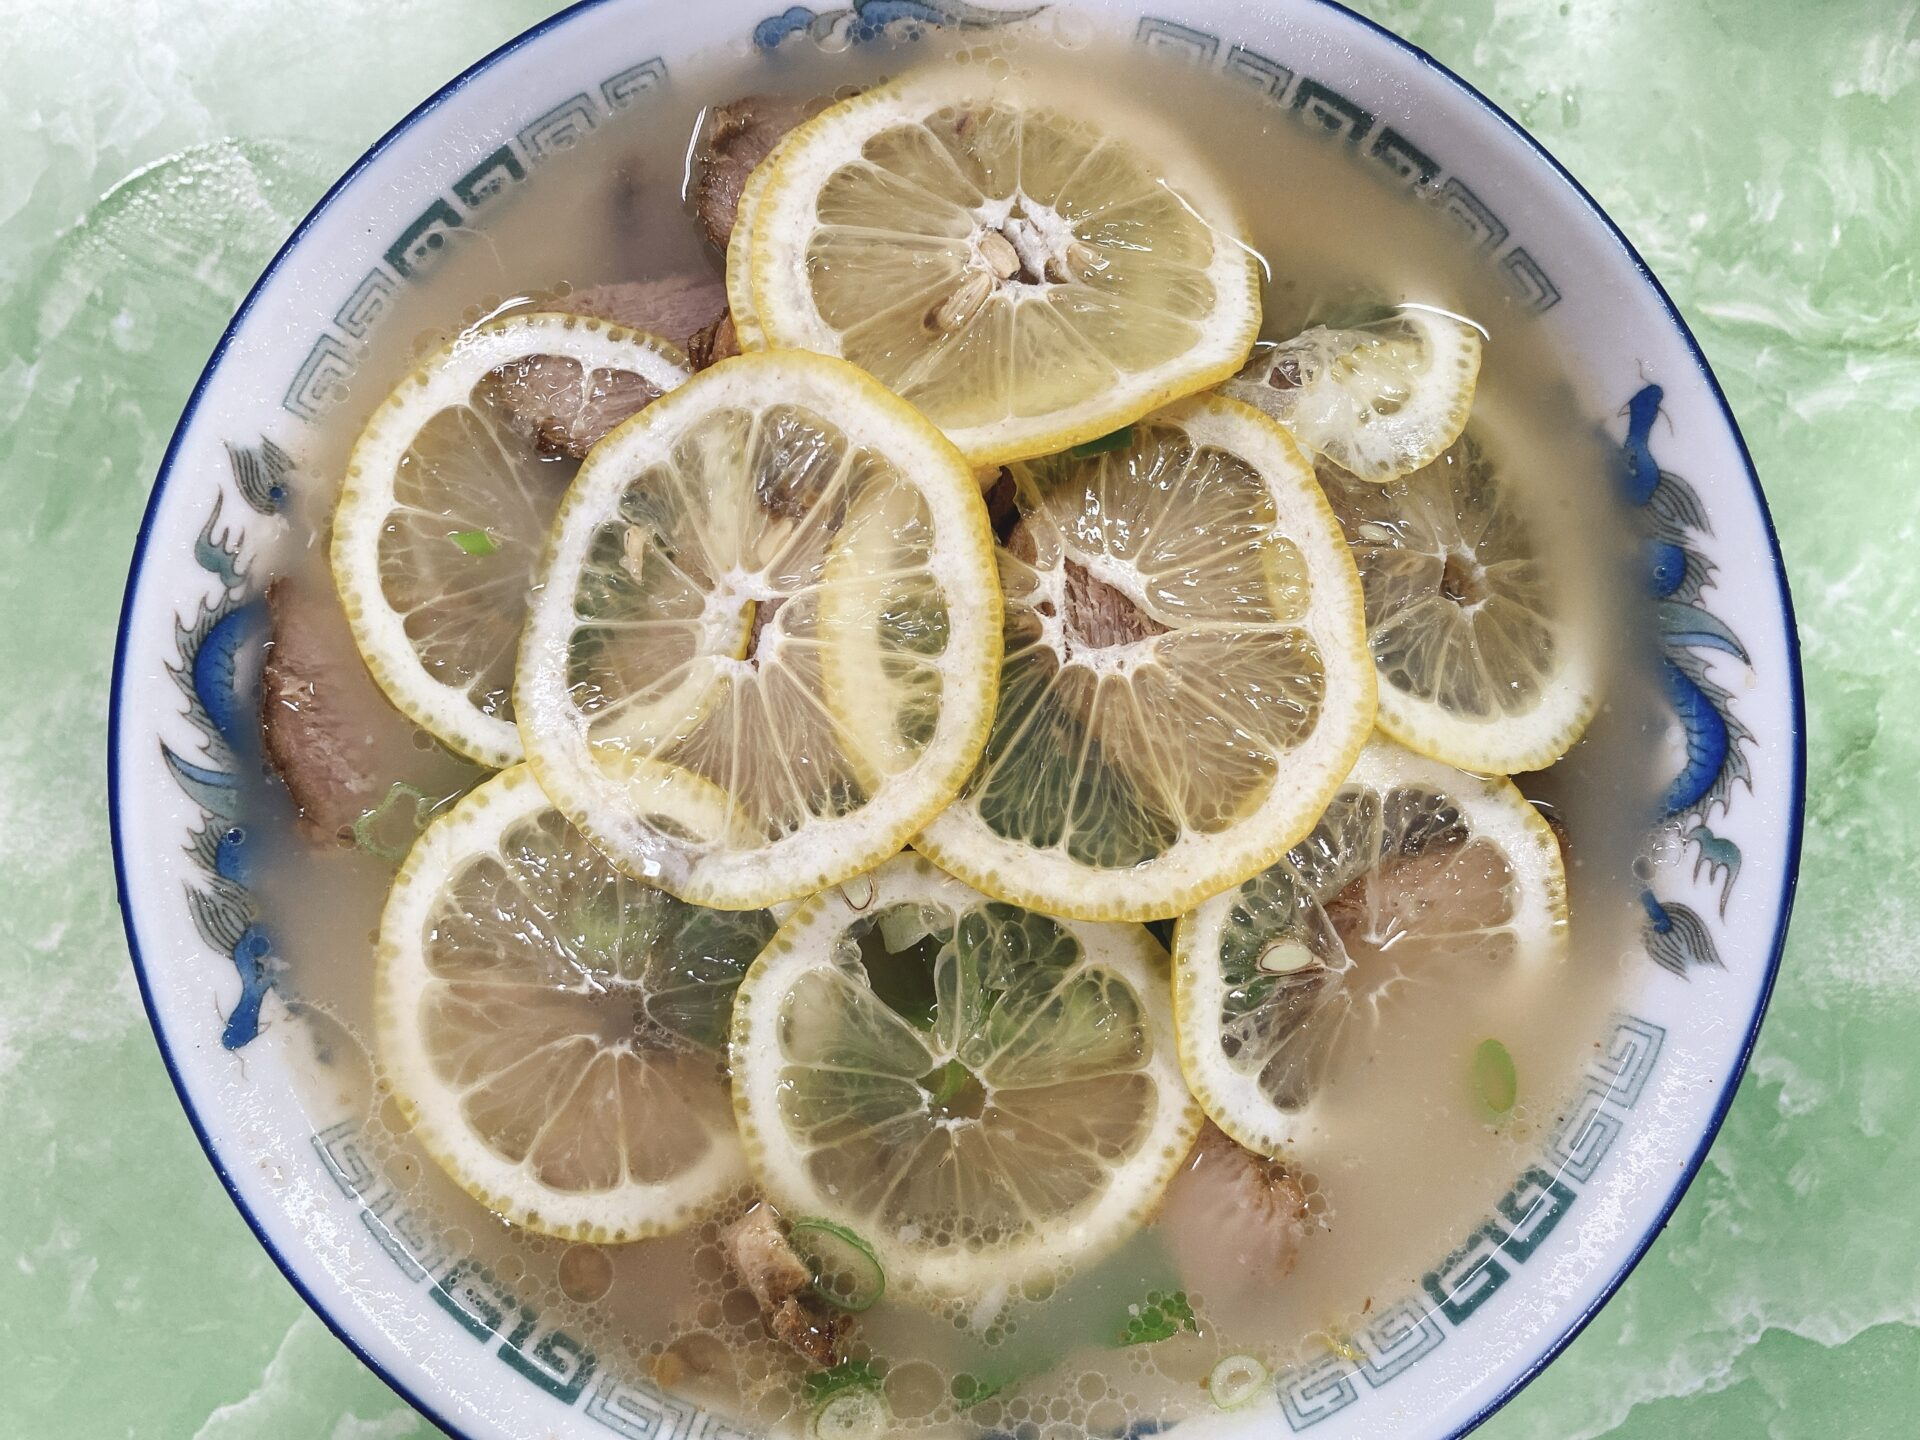 岡山市南区【ラーメン太郎】名物のレモンラーメンは本当に美味しい豚骨スープがあってこそ!